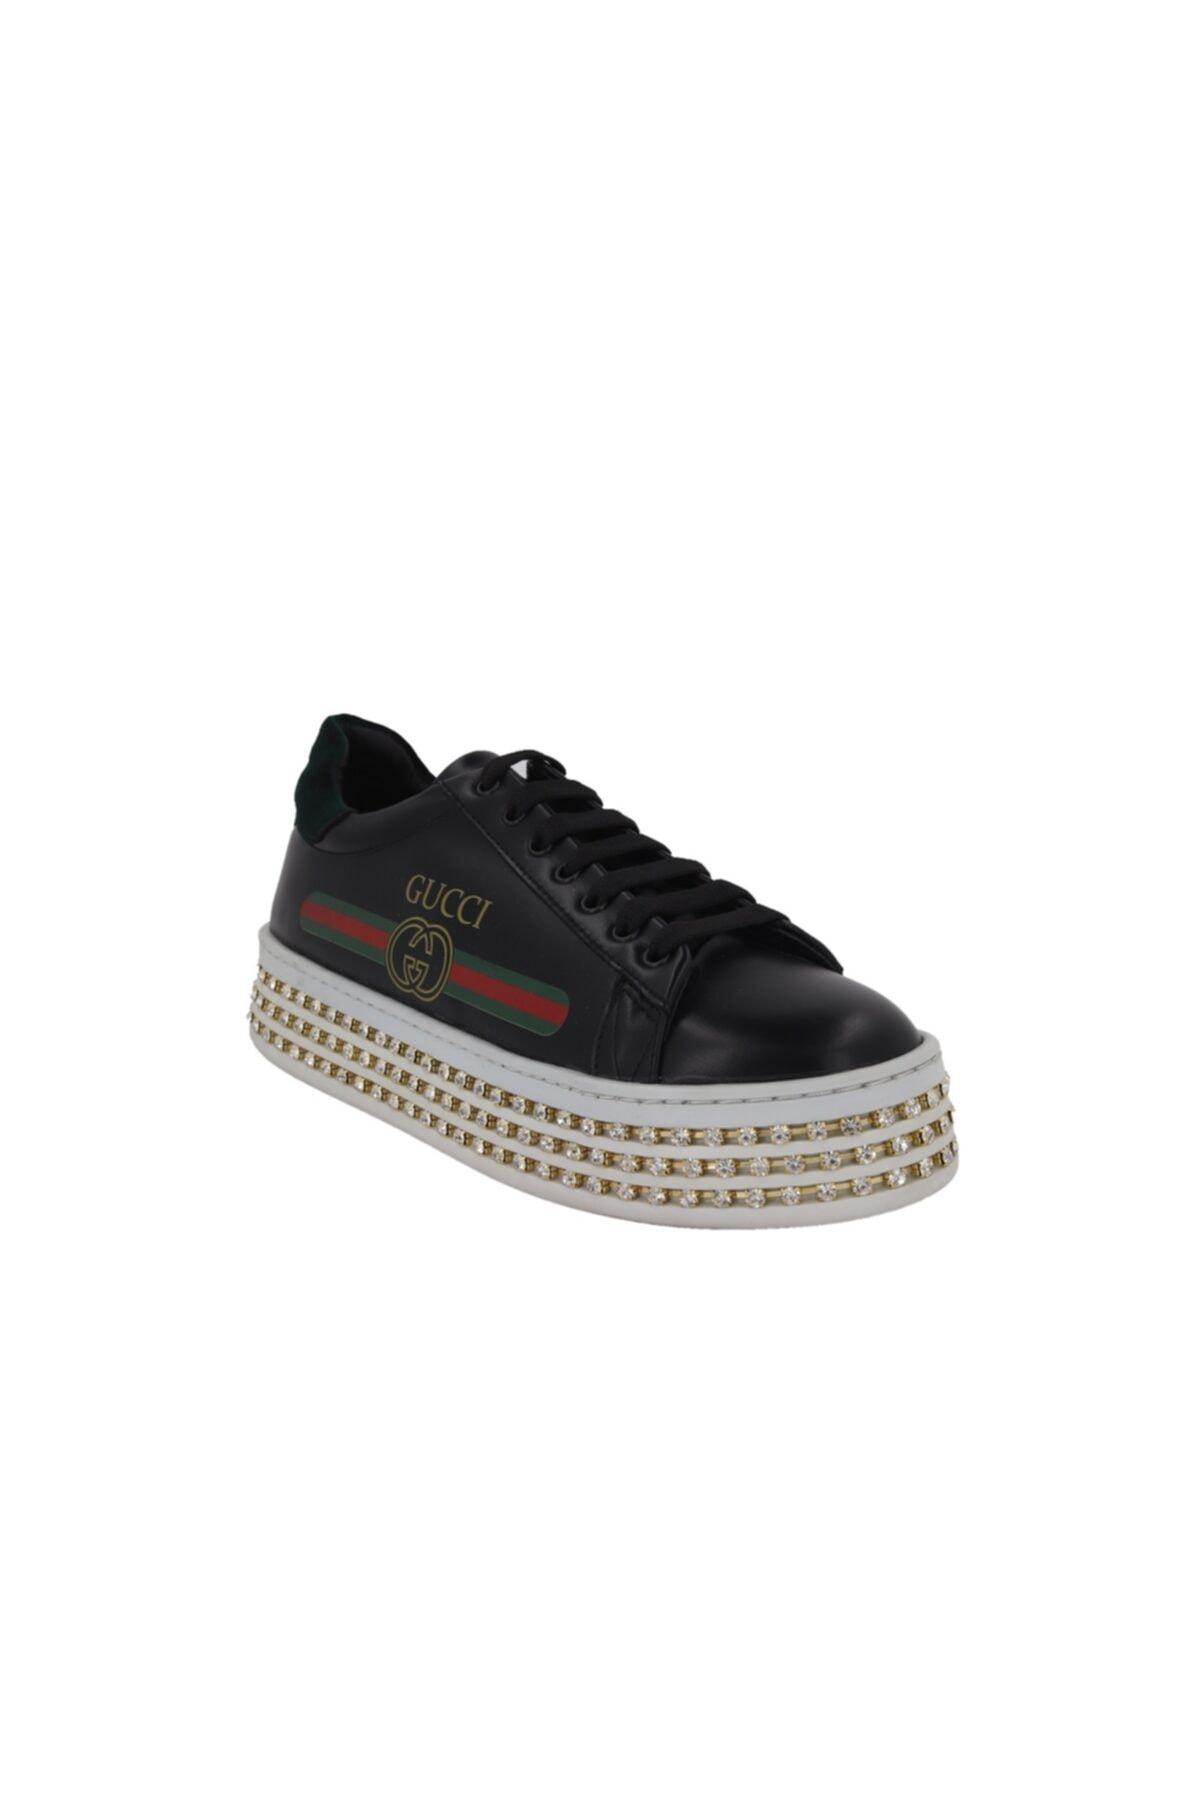 Hobby Prins Siyah Kadın Spor Ayakkabı 85 2